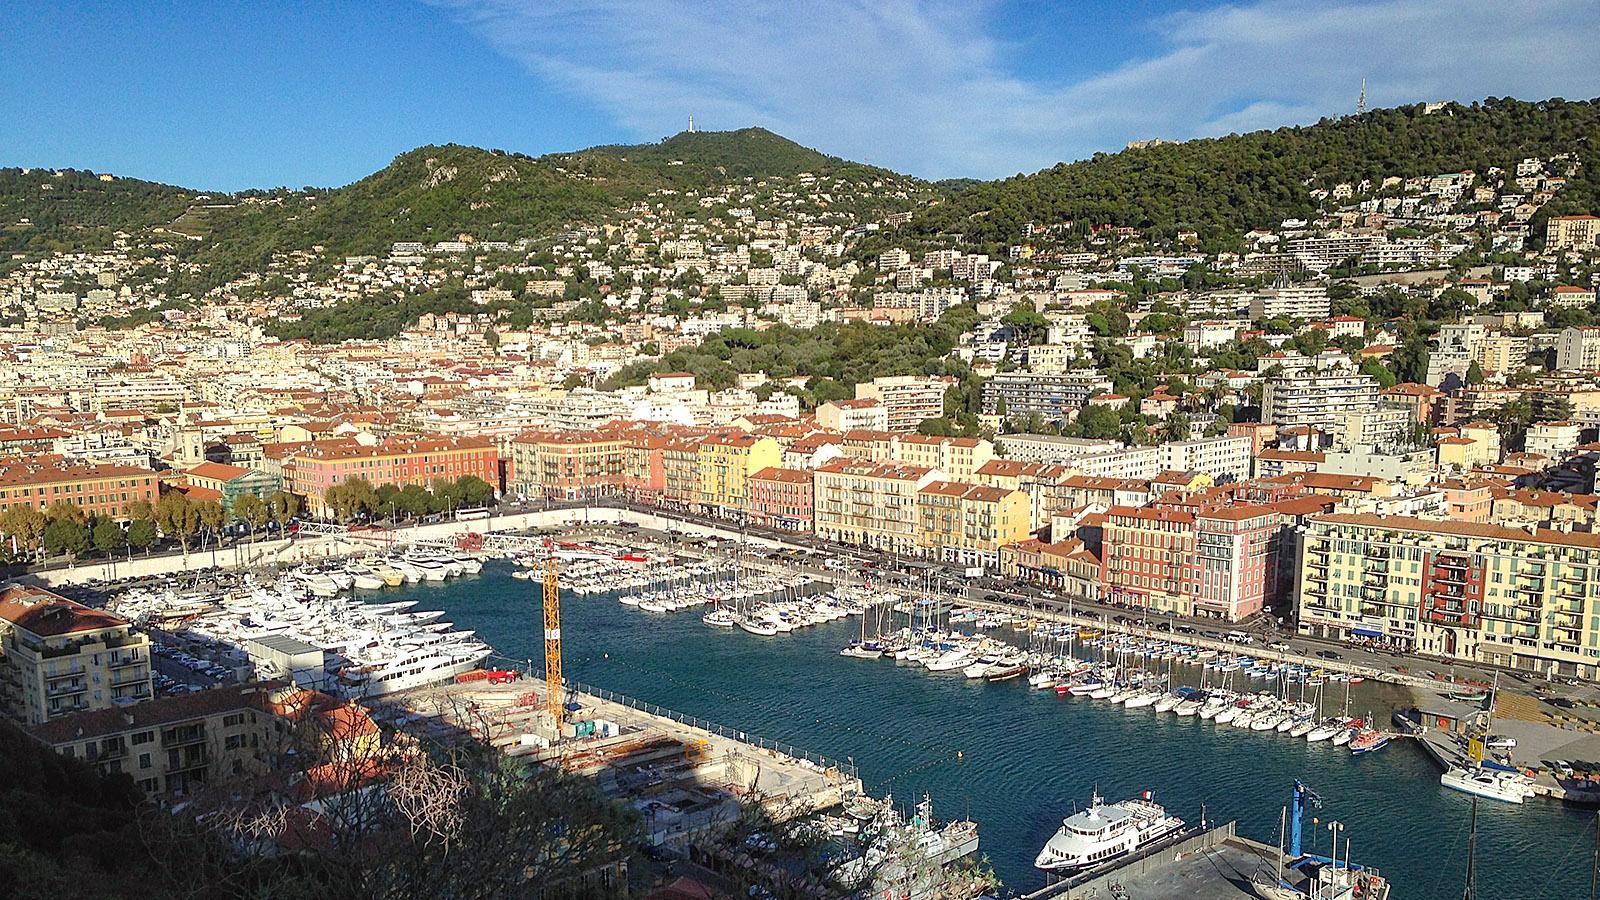 Blick auf den Hafen vom Schlossberg in Nizza. Foto: Hilke Maunder